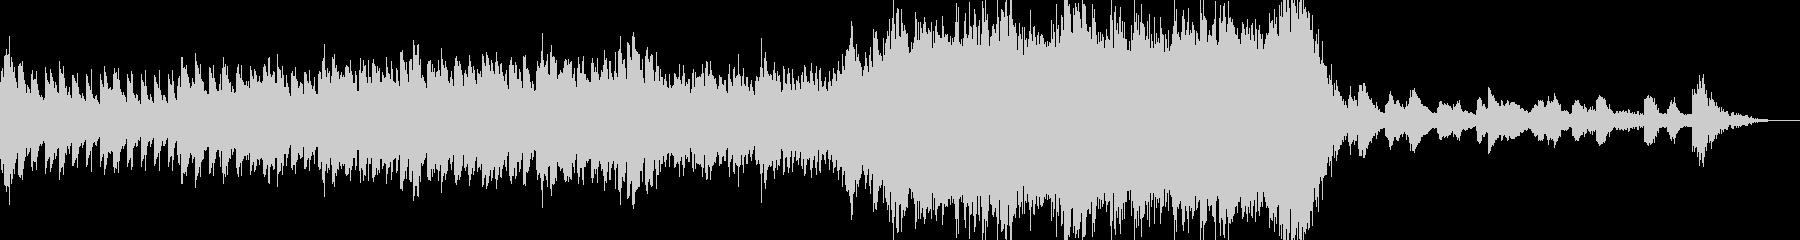 【オーケストラ】ゲームの冒険の始まりの曲の未再生の波形